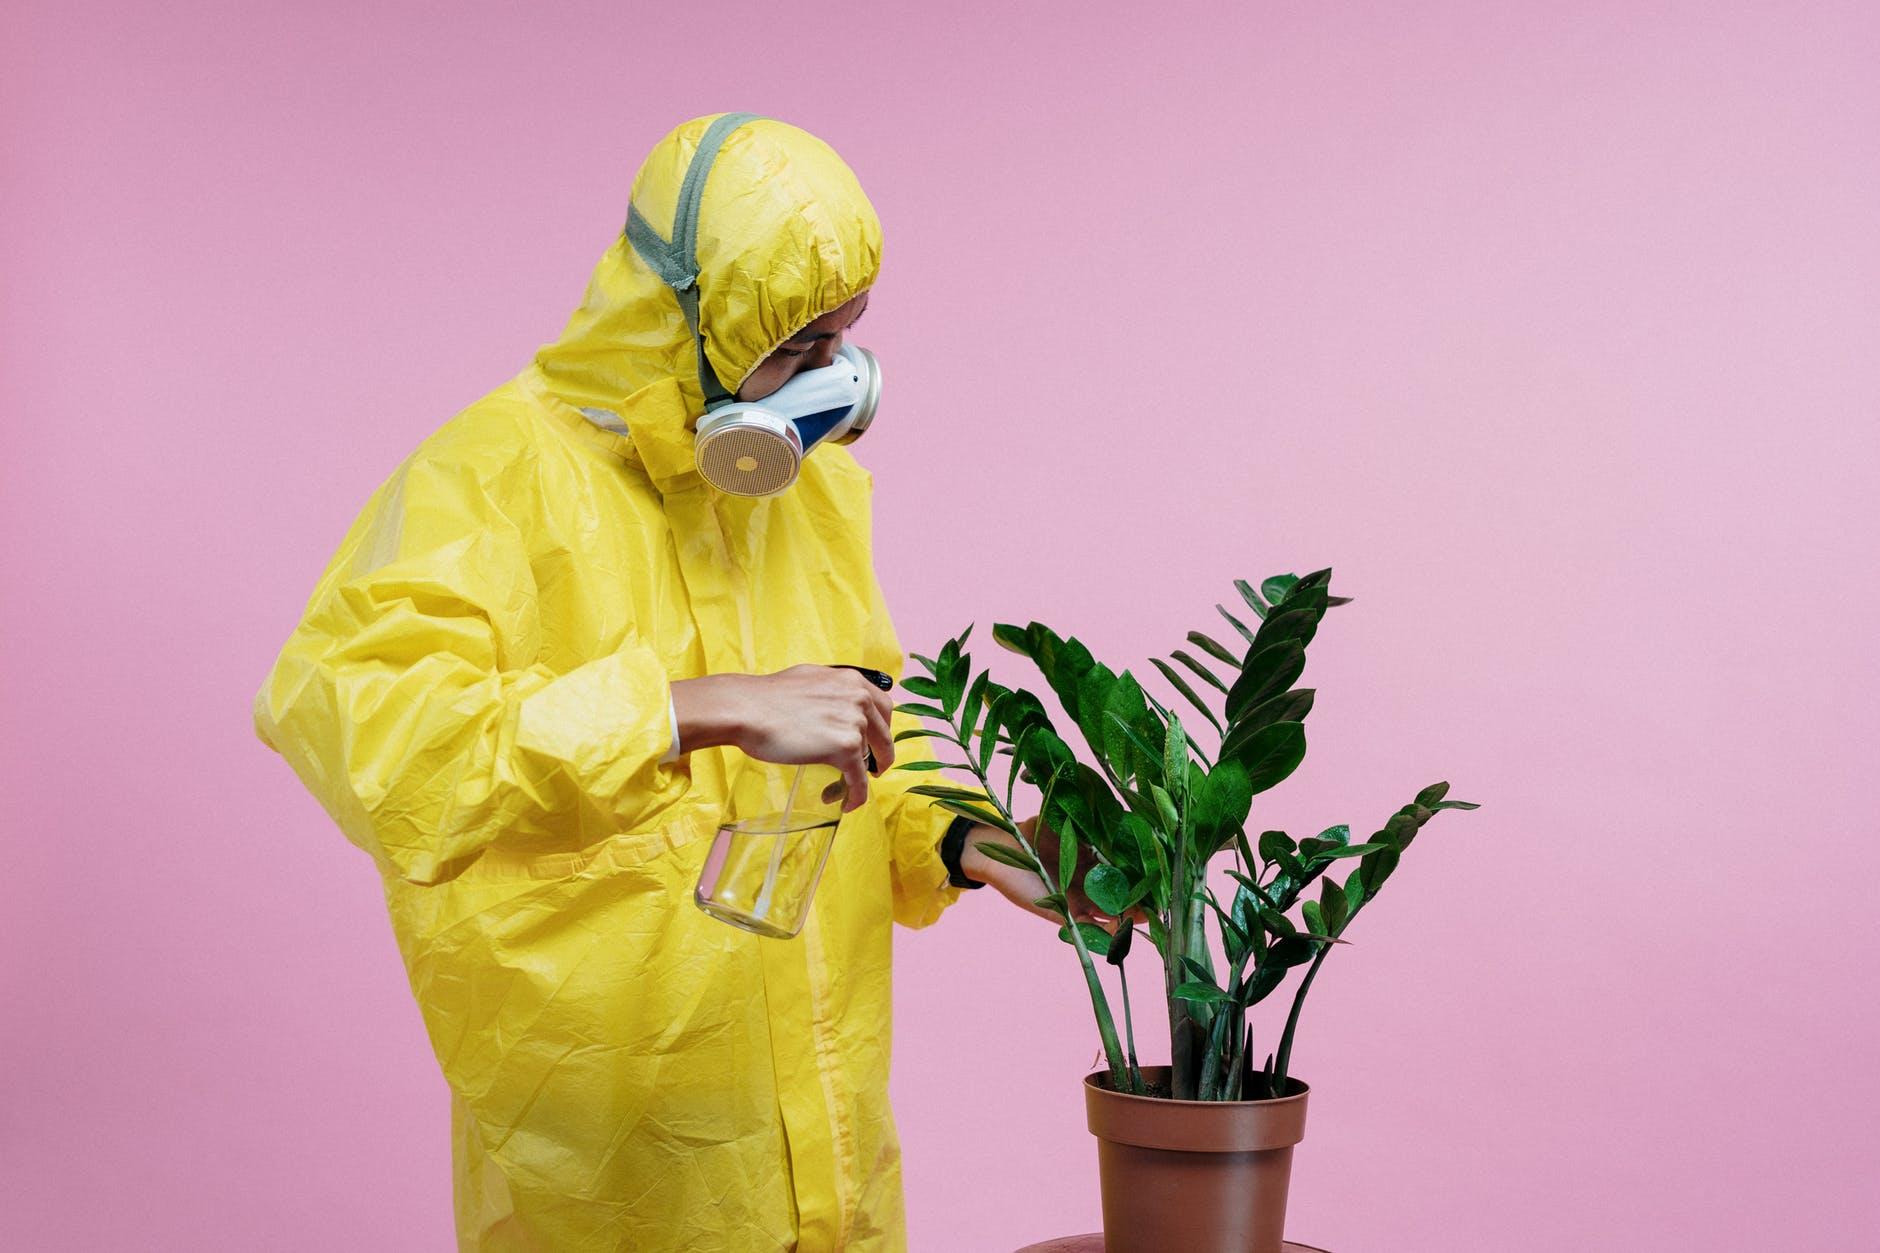 Eine Pflanze wird von einer Person mit Schutzausrüstung eingesprüht